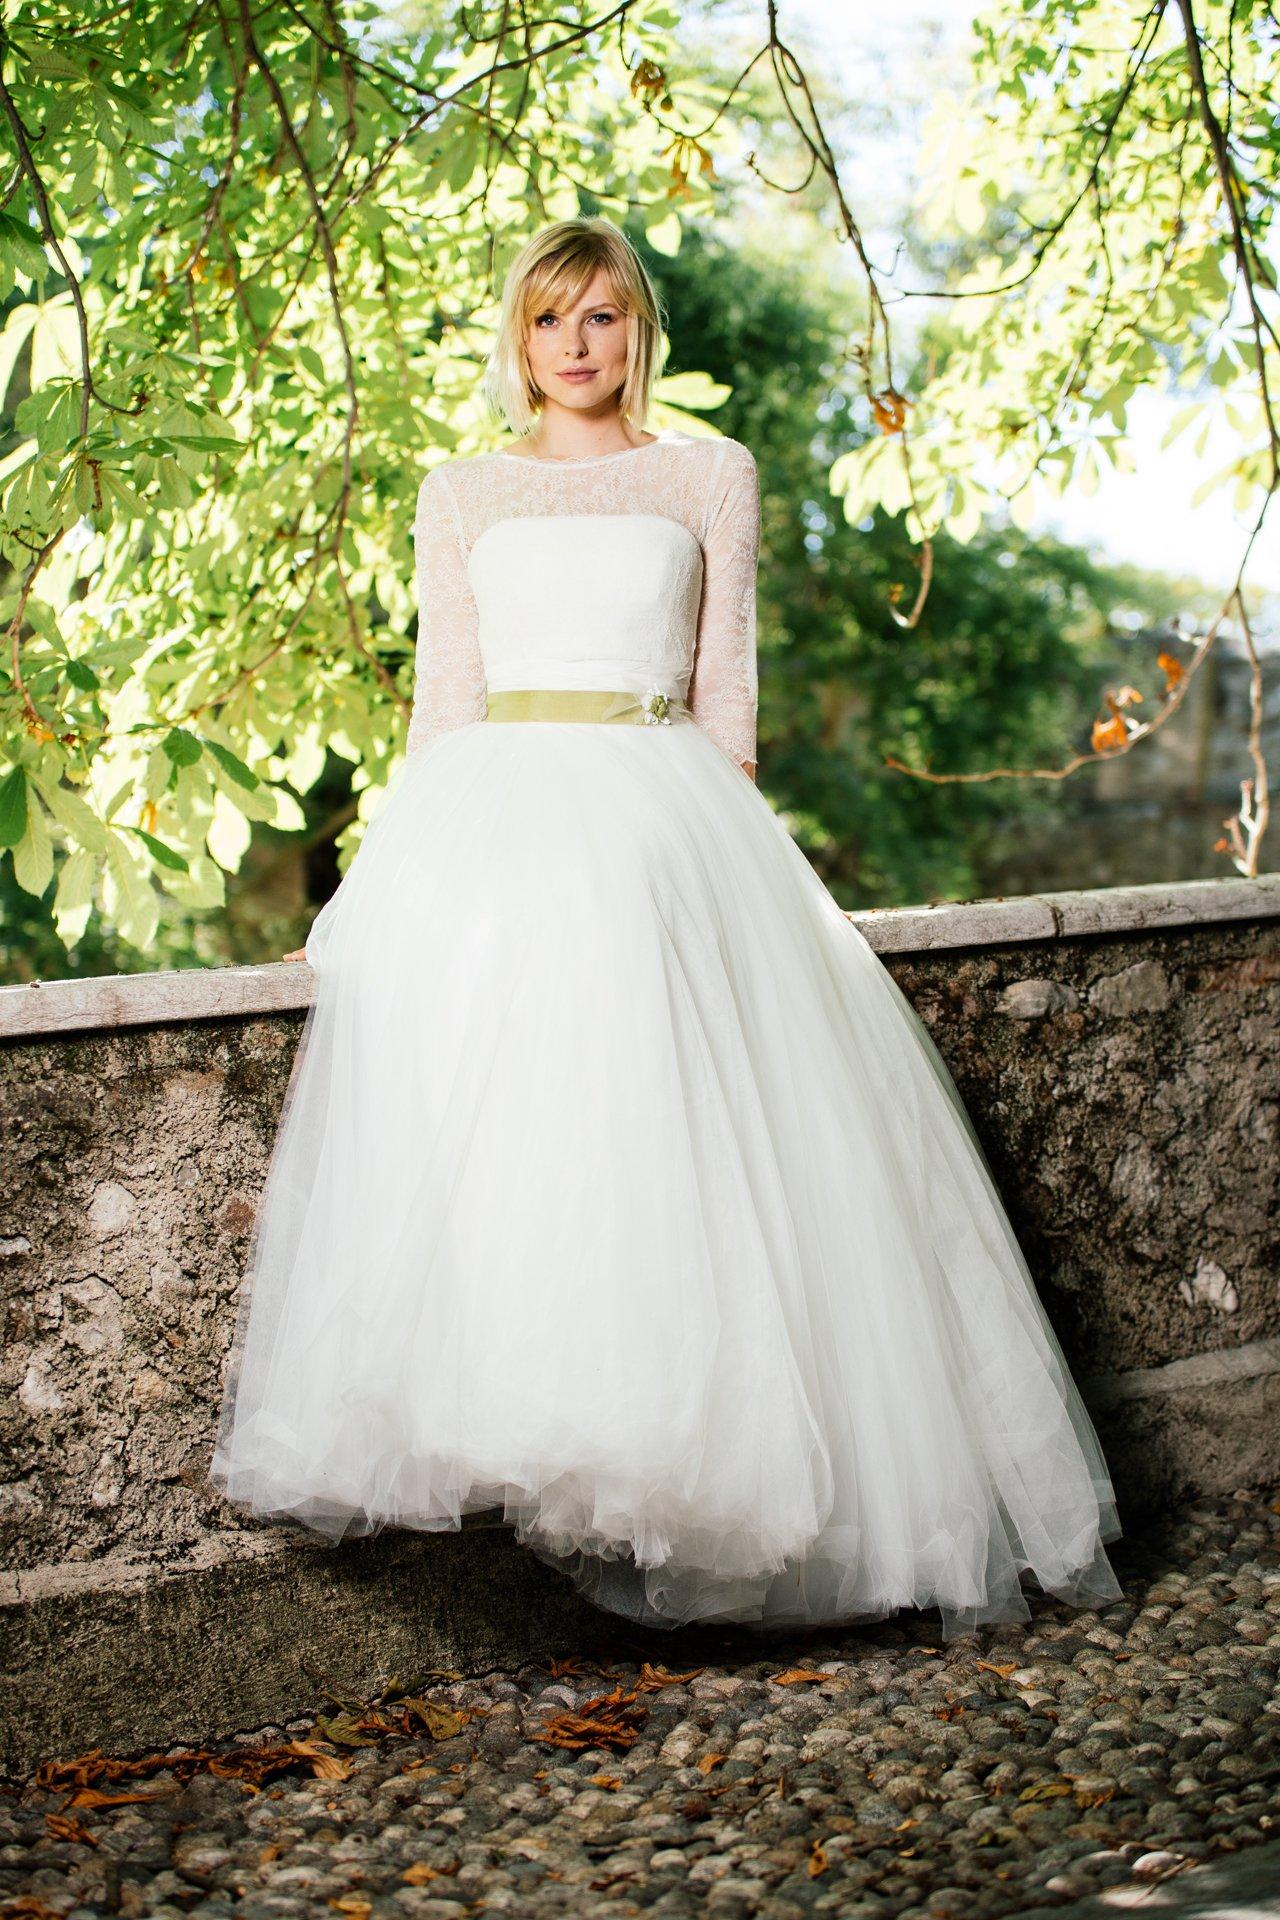 Erfreut Zwei Getöntes Hochzeitskleid Bilder - Brautkleider Ideen ...